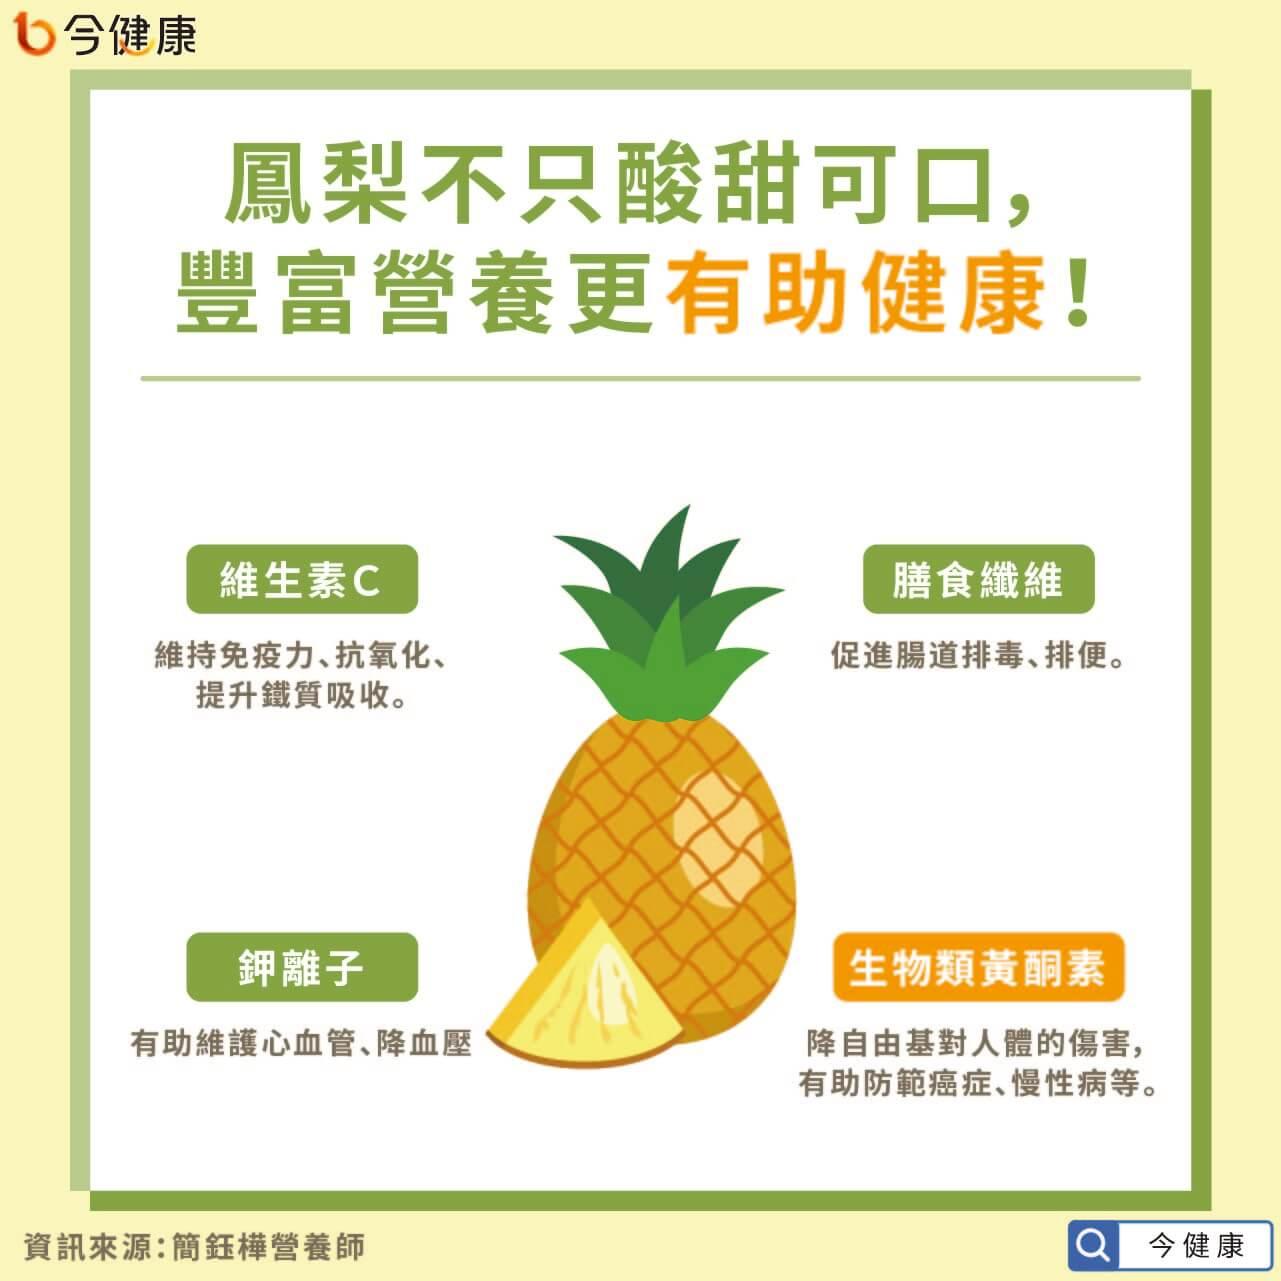 鳳梨不只酸甜可口,豐富營養更有益健康